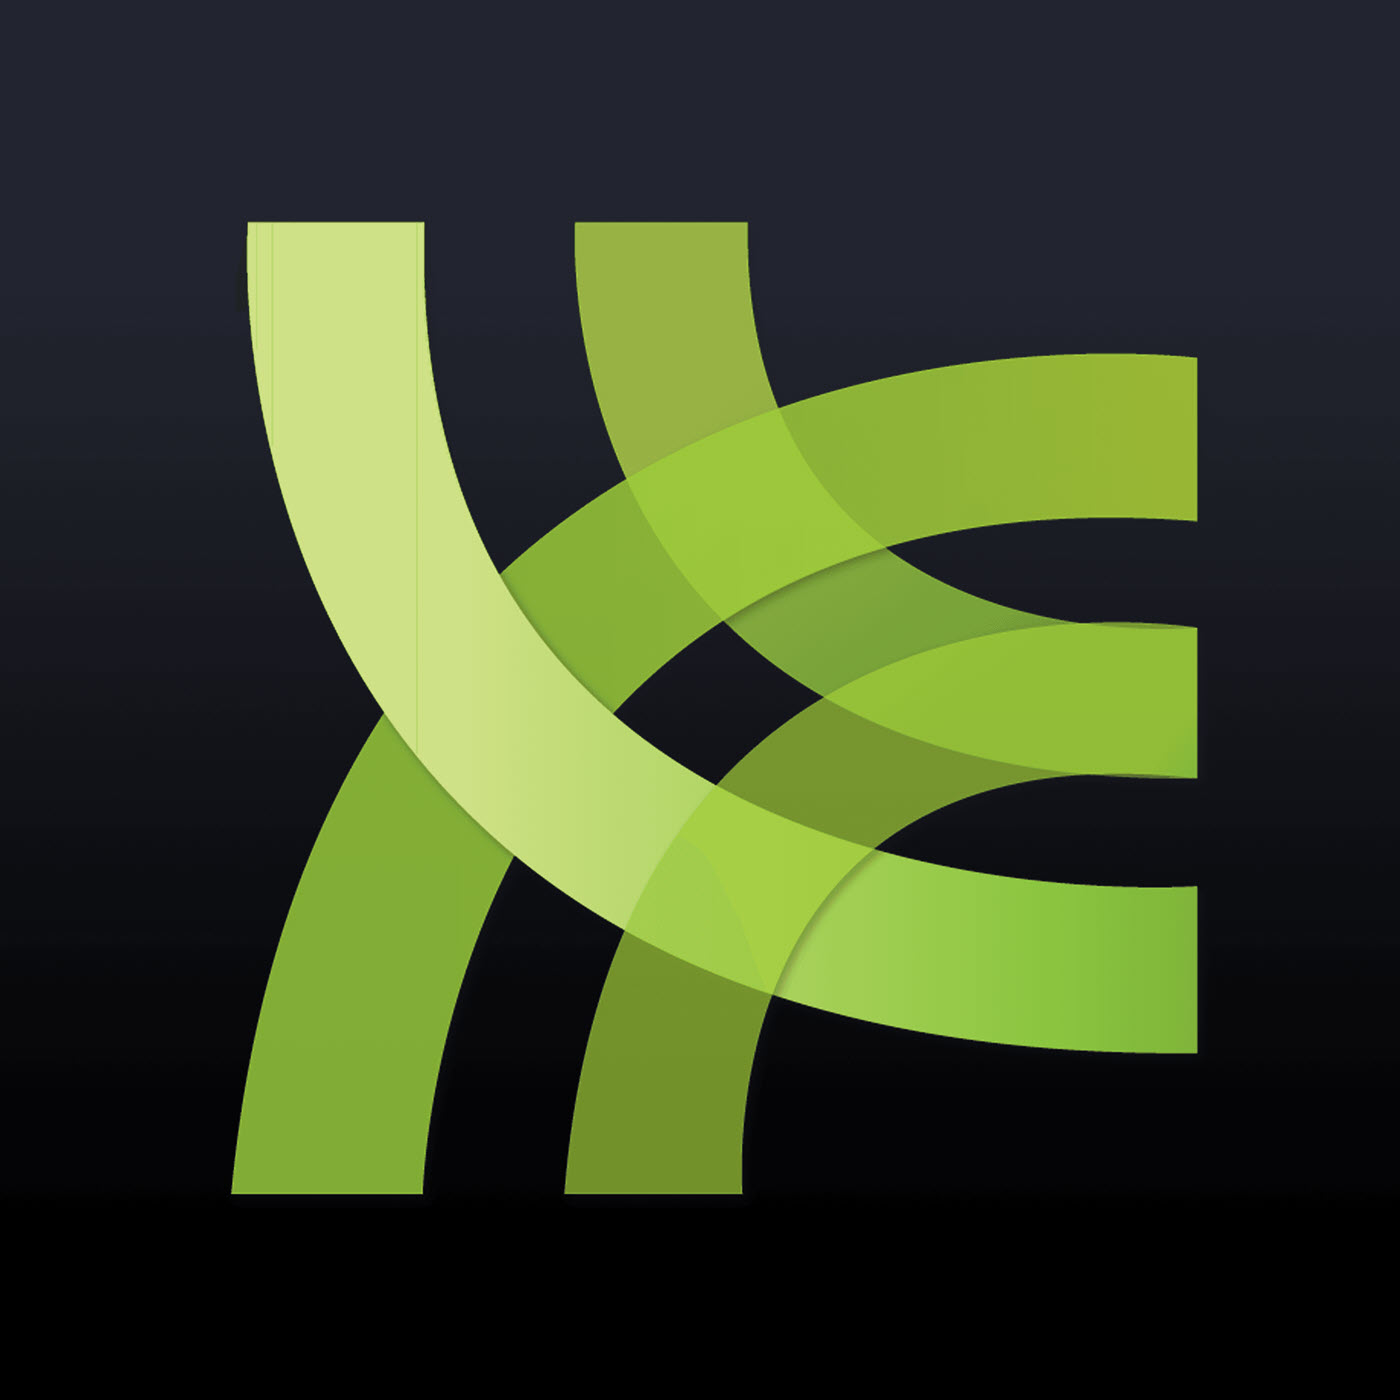 www.lilacusa.org